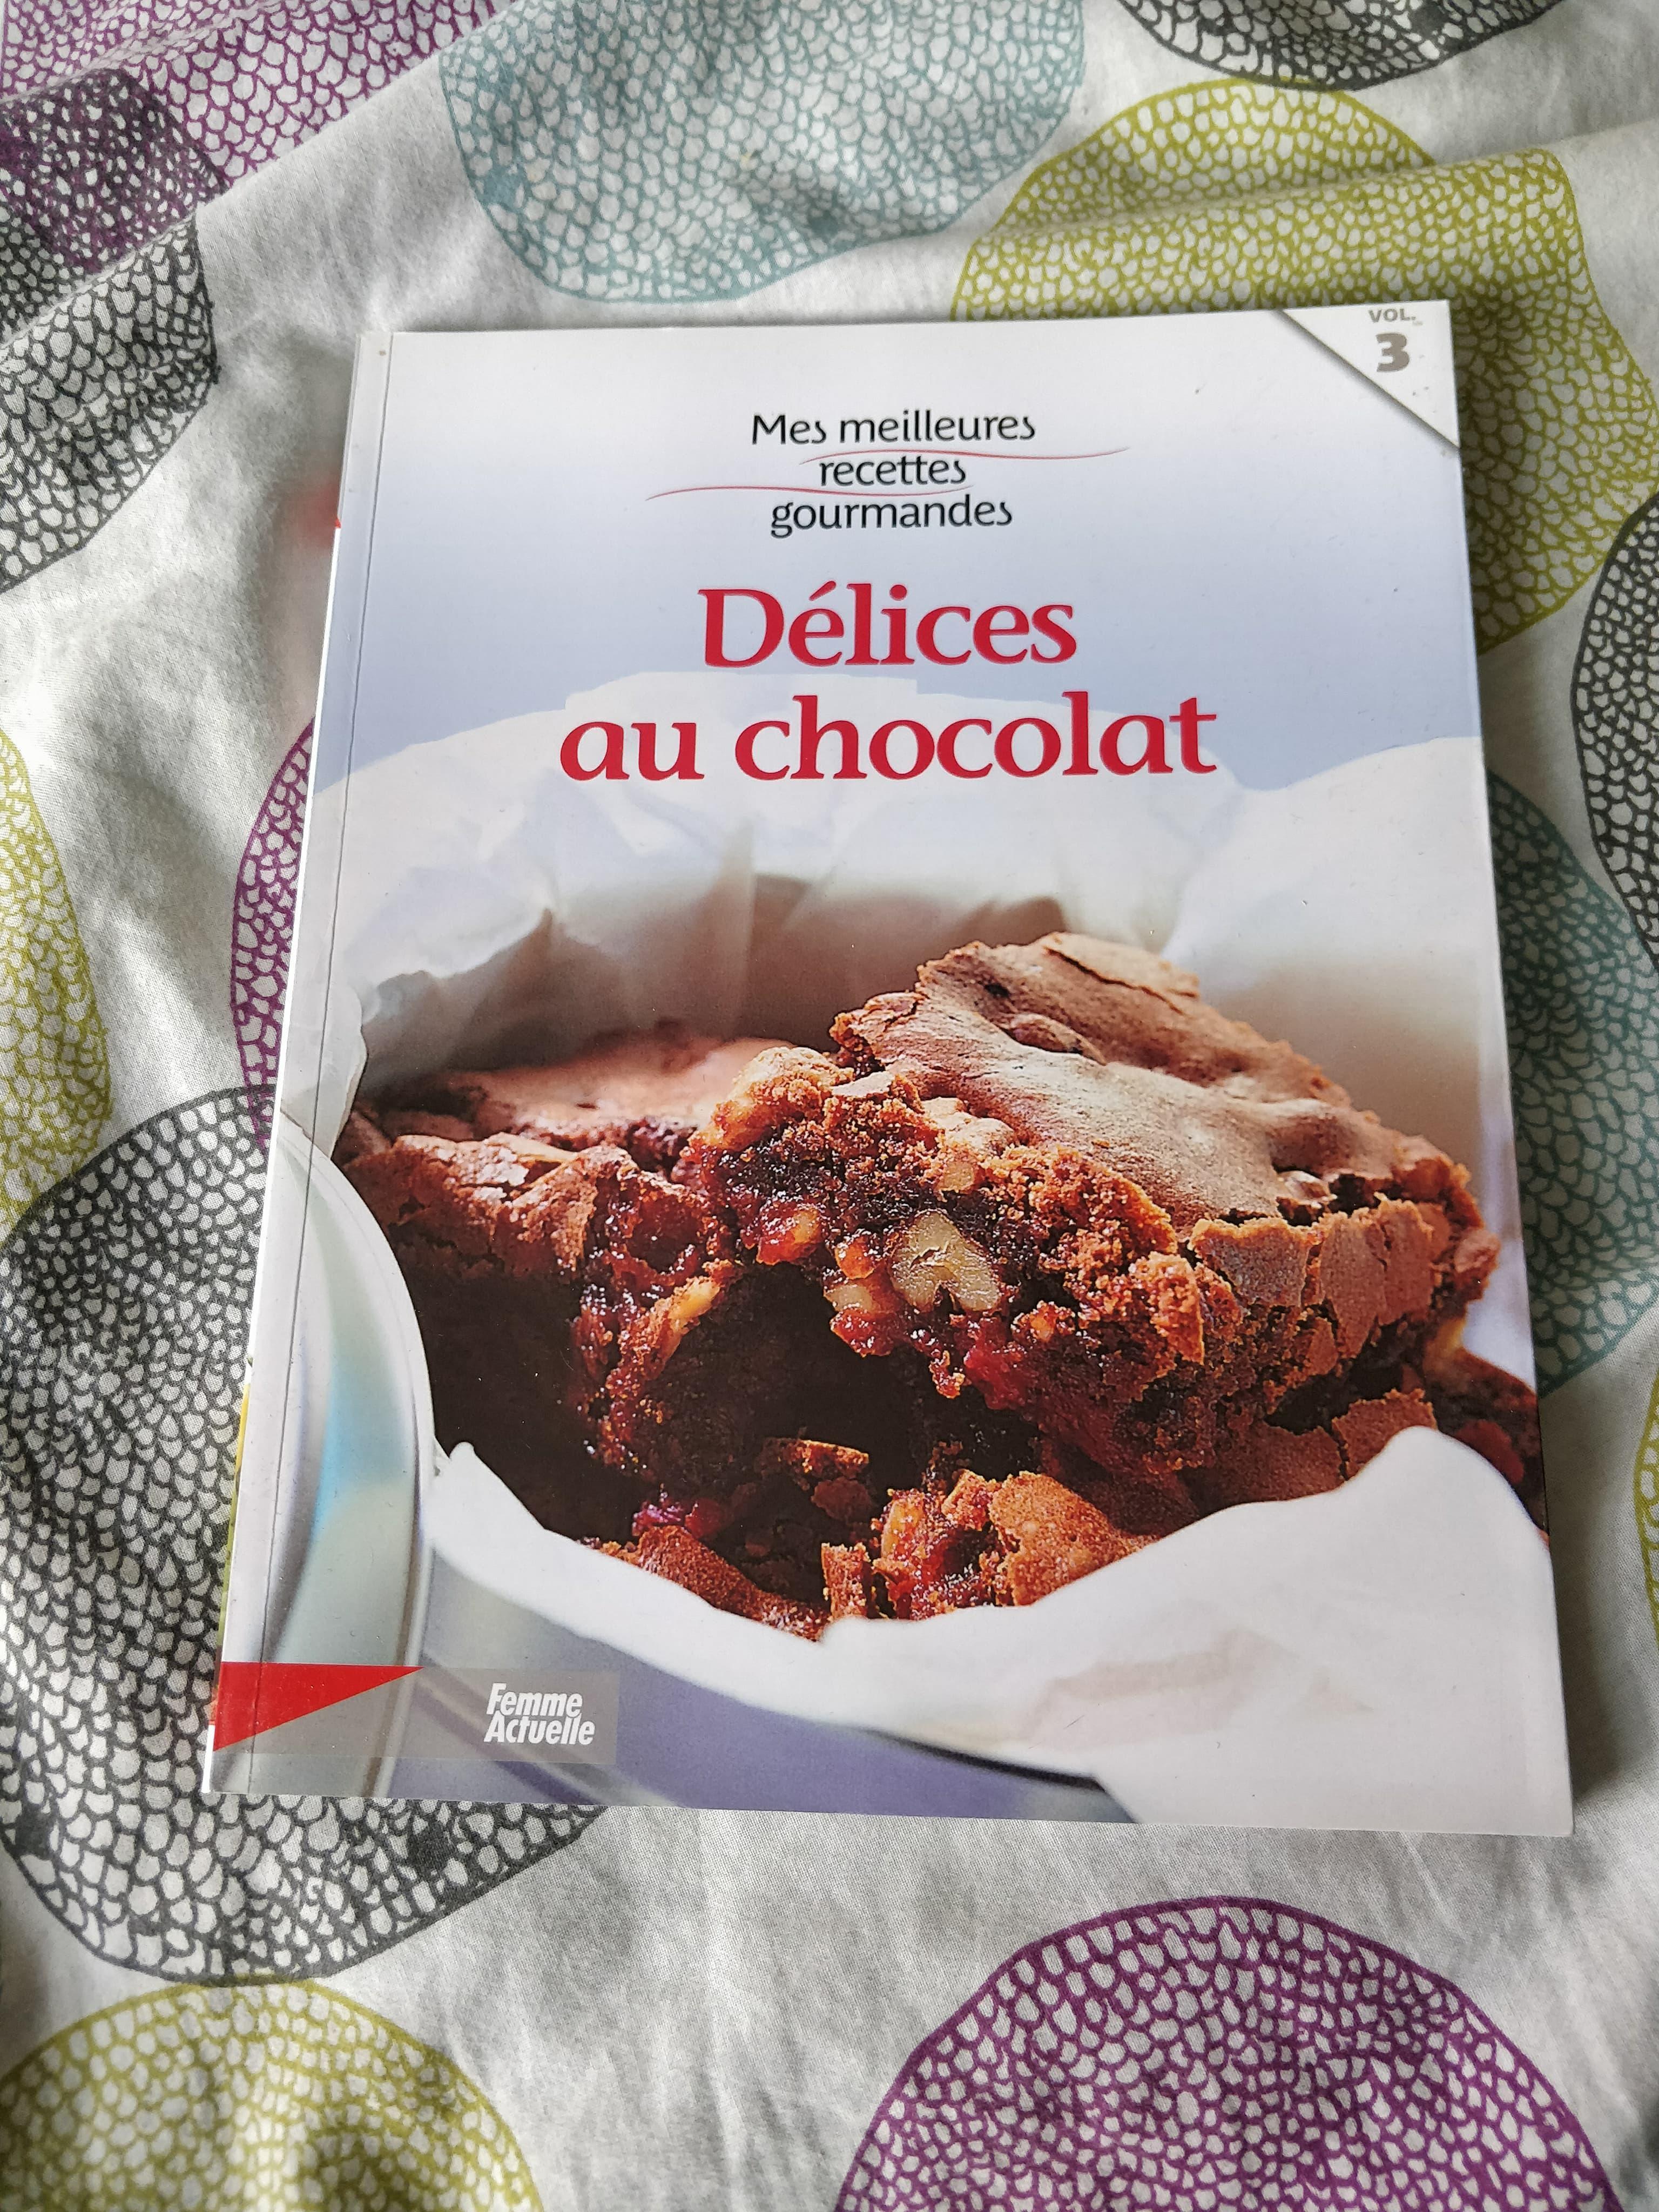 troc de troc livre recettes desserts au chocolat image 0